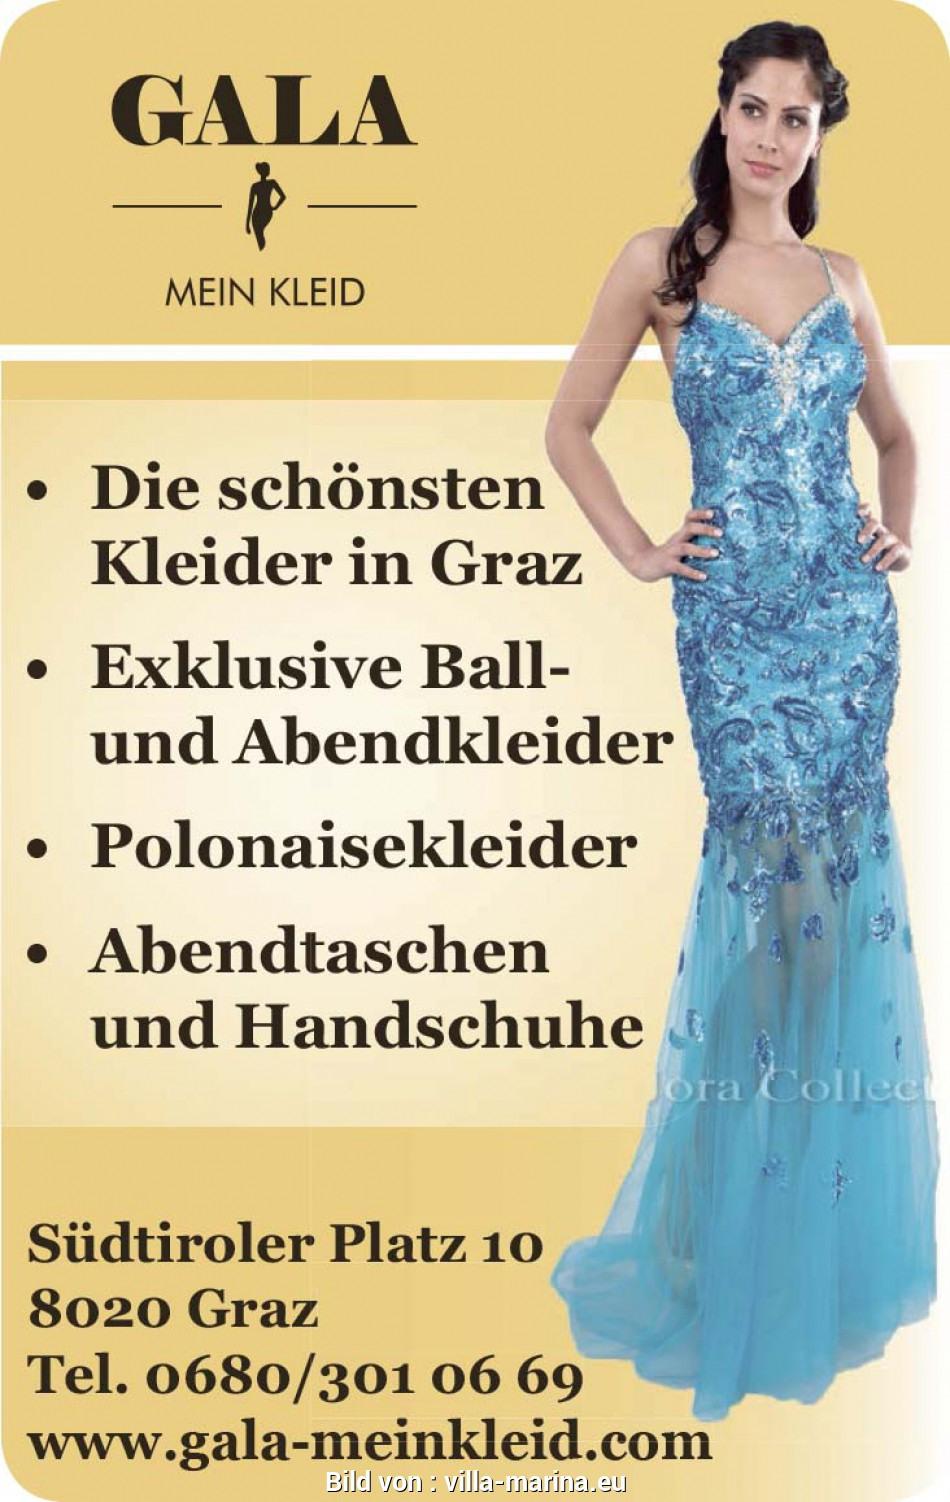 17 Elegant Abend Kleider Graz für 201910 Luxus Abend Kleider Graz Design